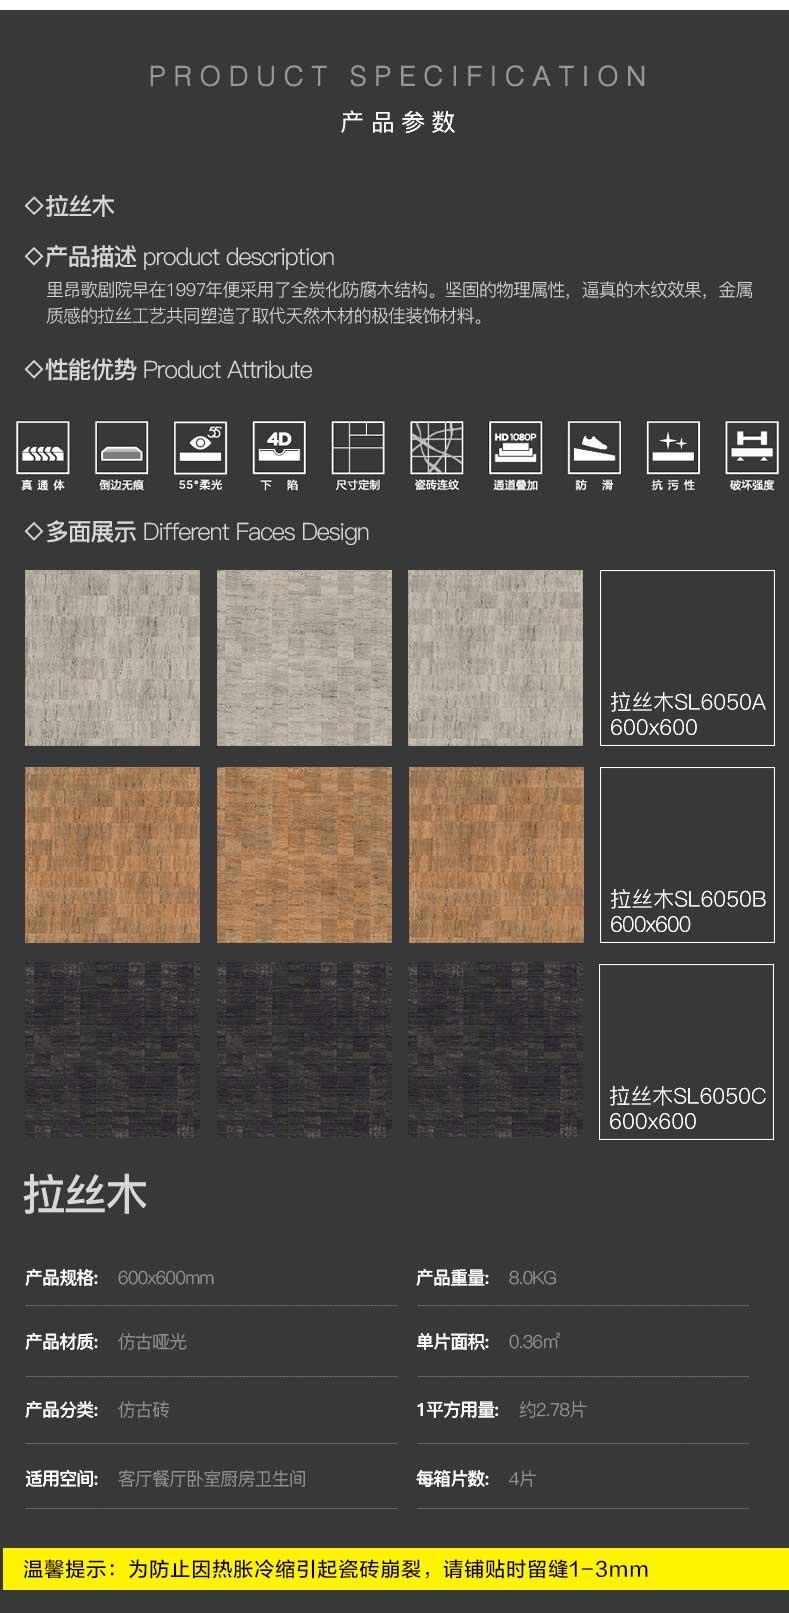 亚细亚瓷砖-仿古砖拉丝木600x600_04.jpg